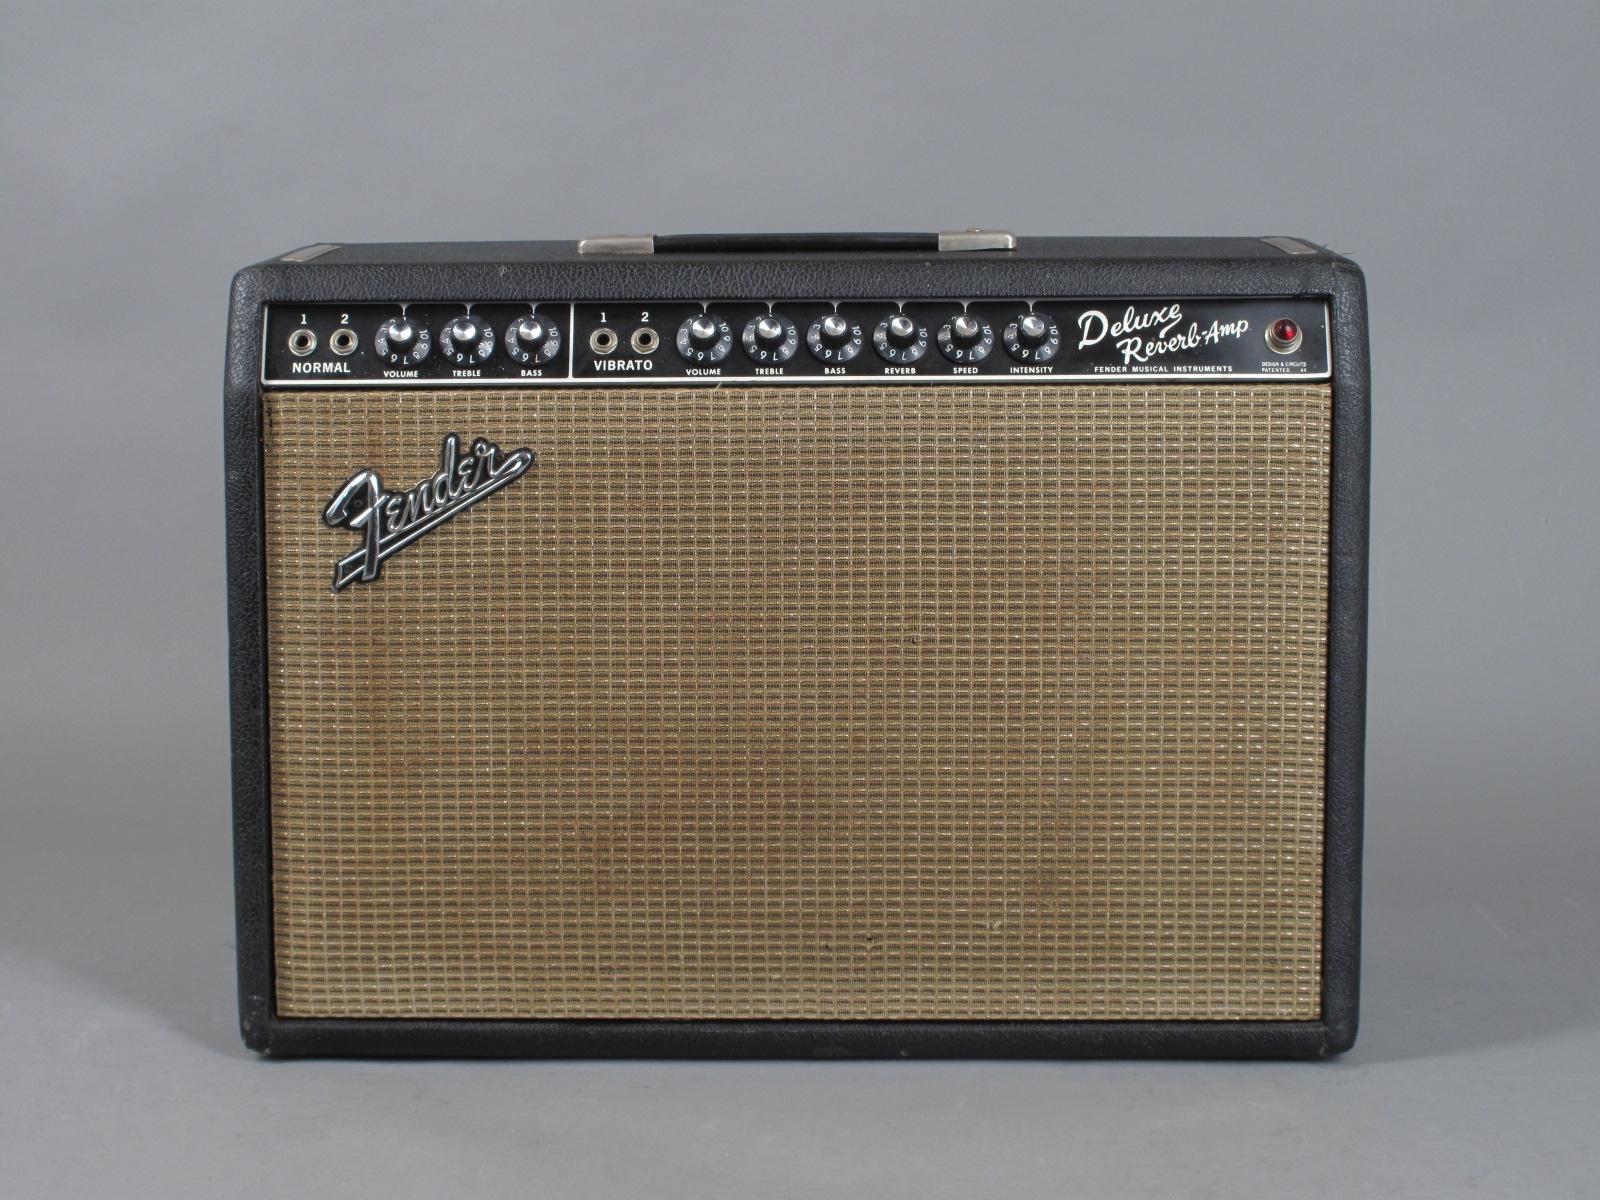 1967 Fender Deluxe Reverb Amp - Blackface